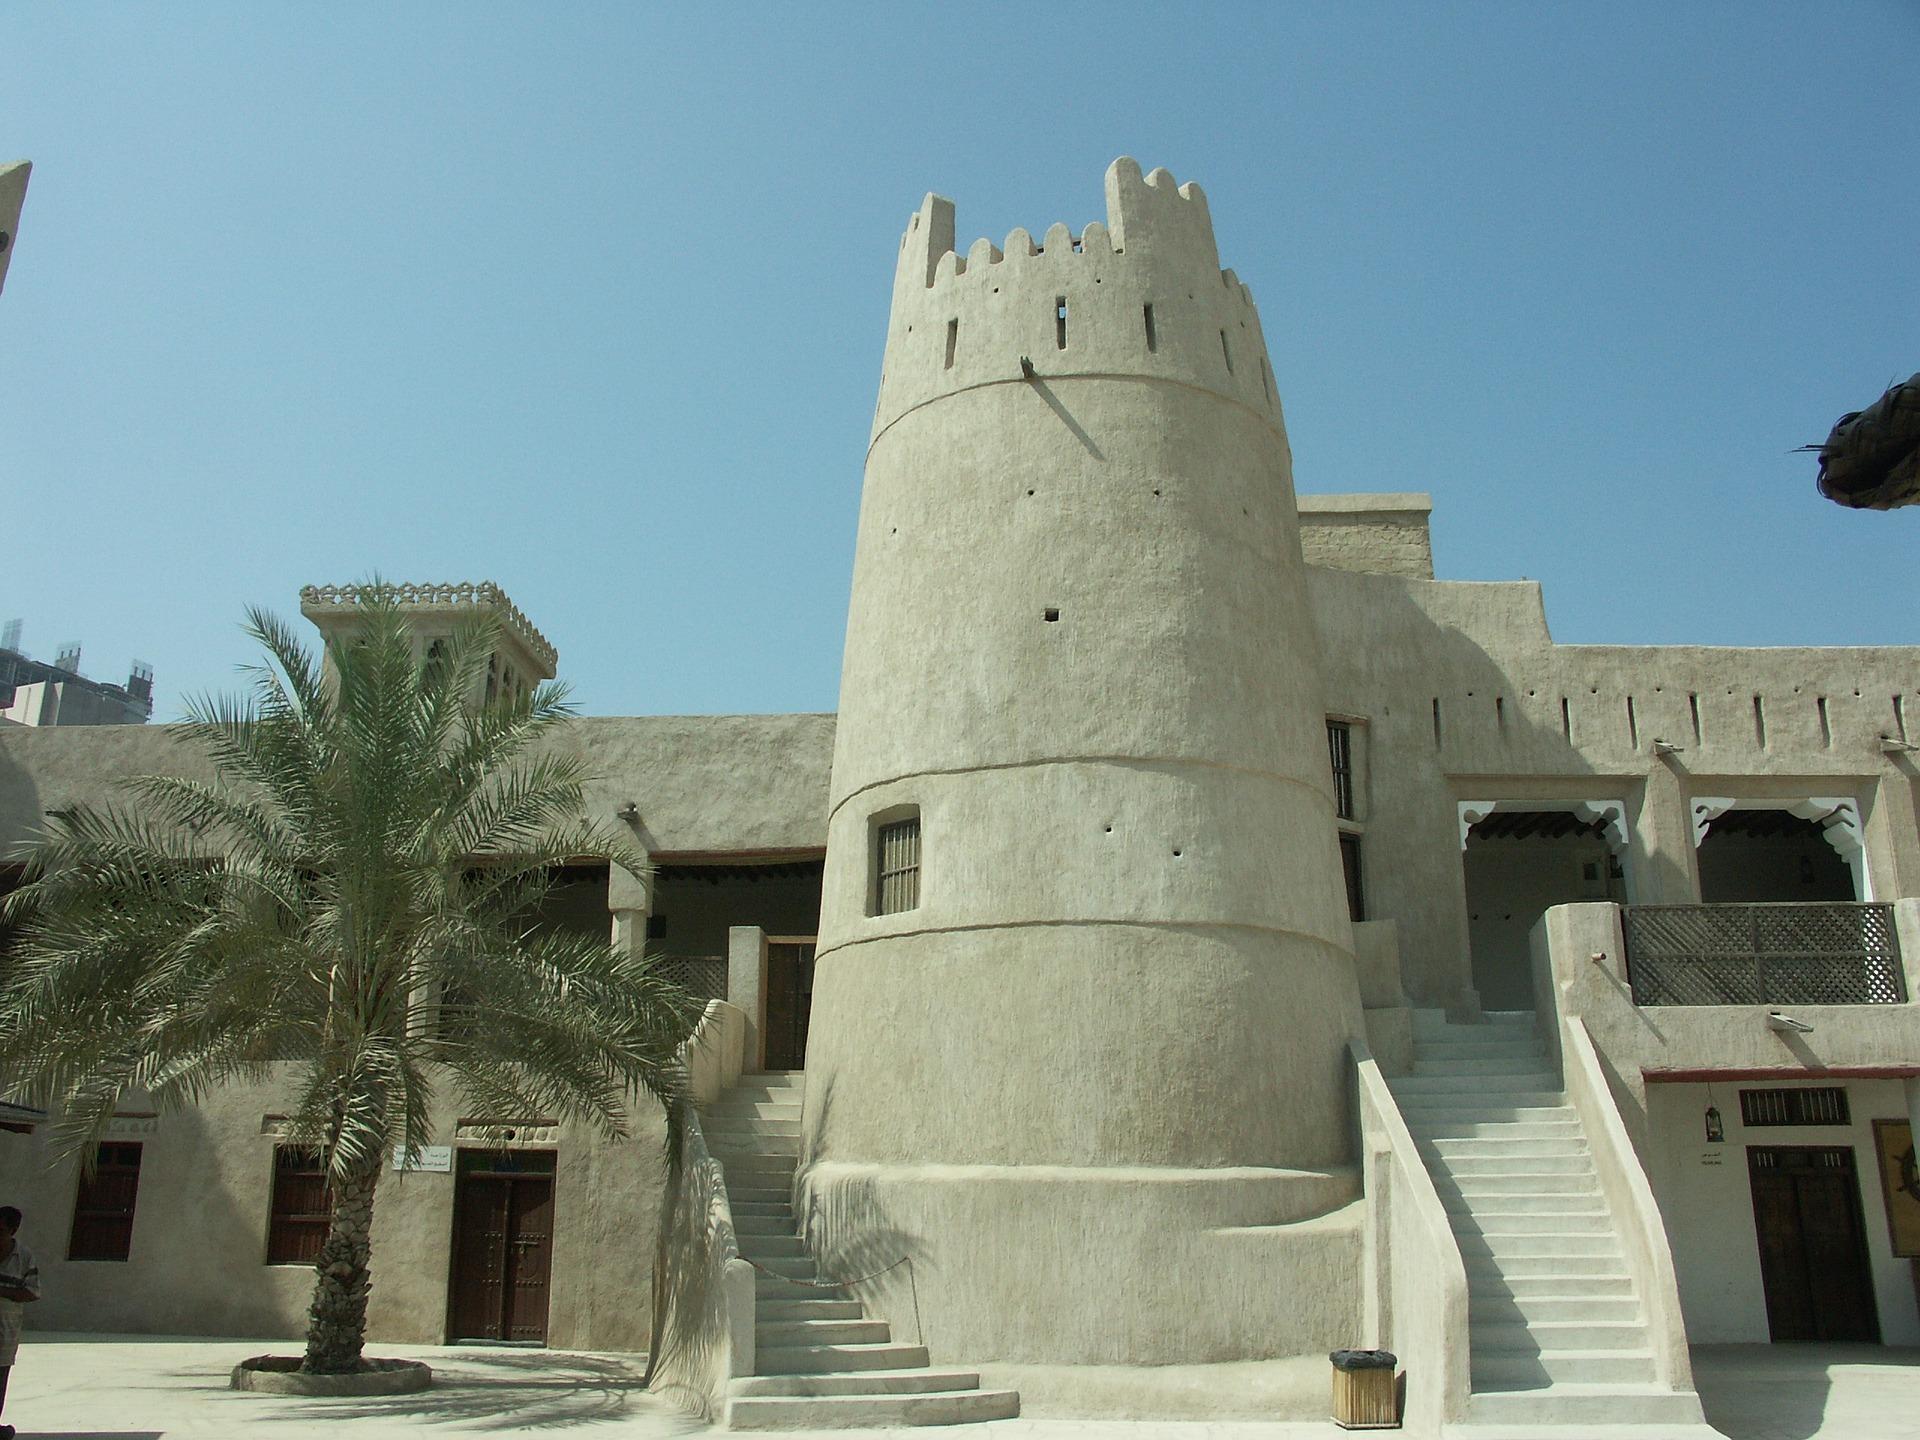 In Sharjah kommt die moderne Stadt & die Kultur richtig klar zur Geltung